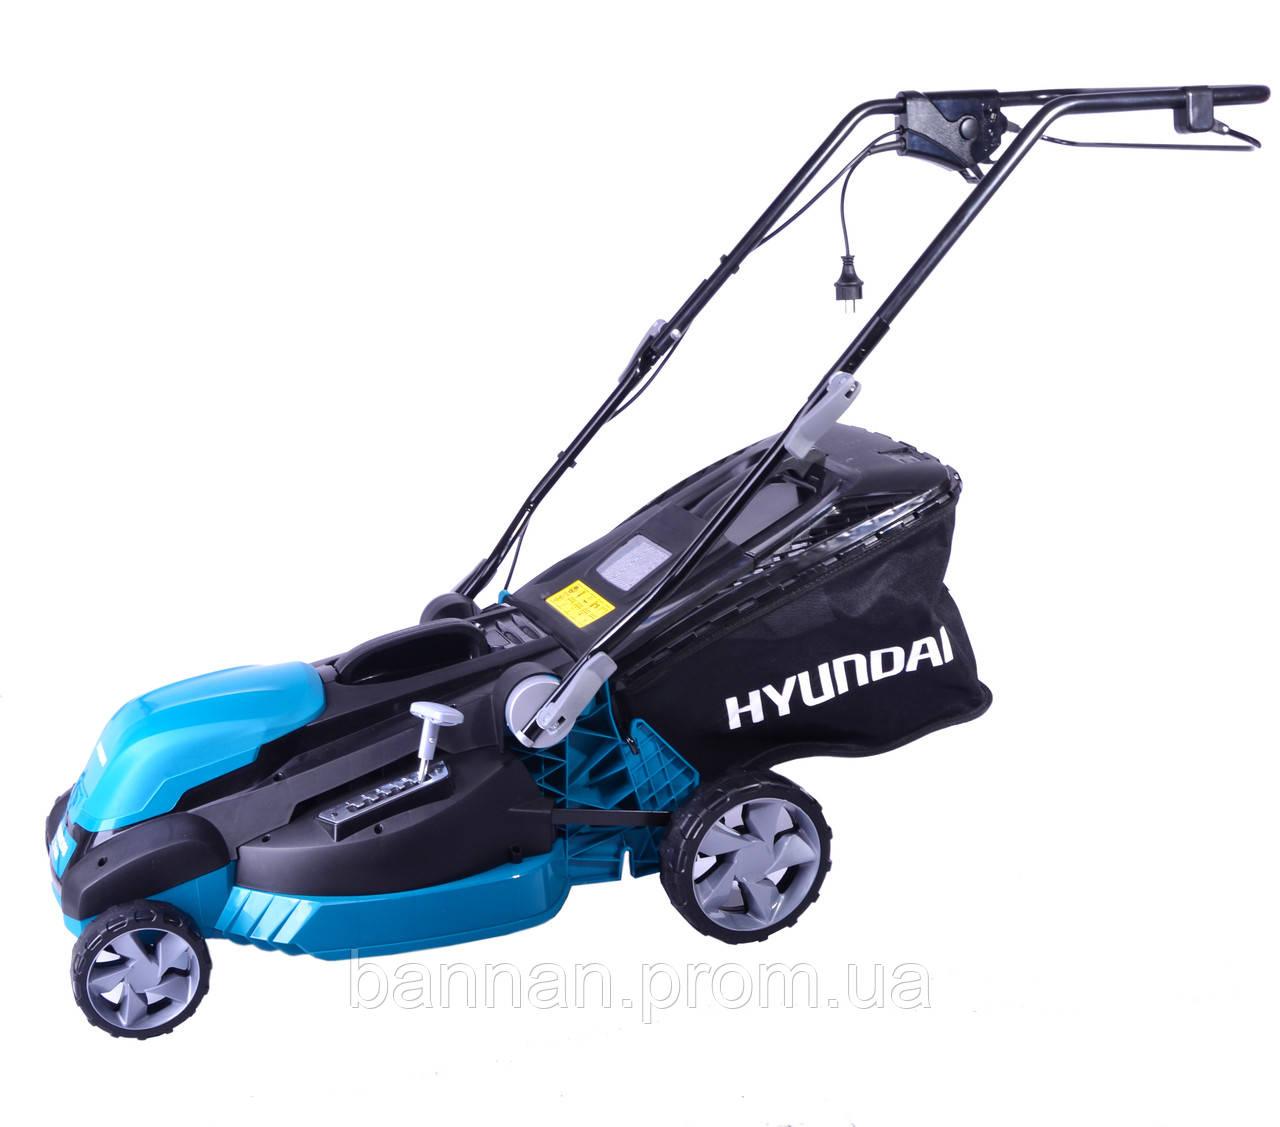 Газонокосилка электрическая Hyundai LE 4200